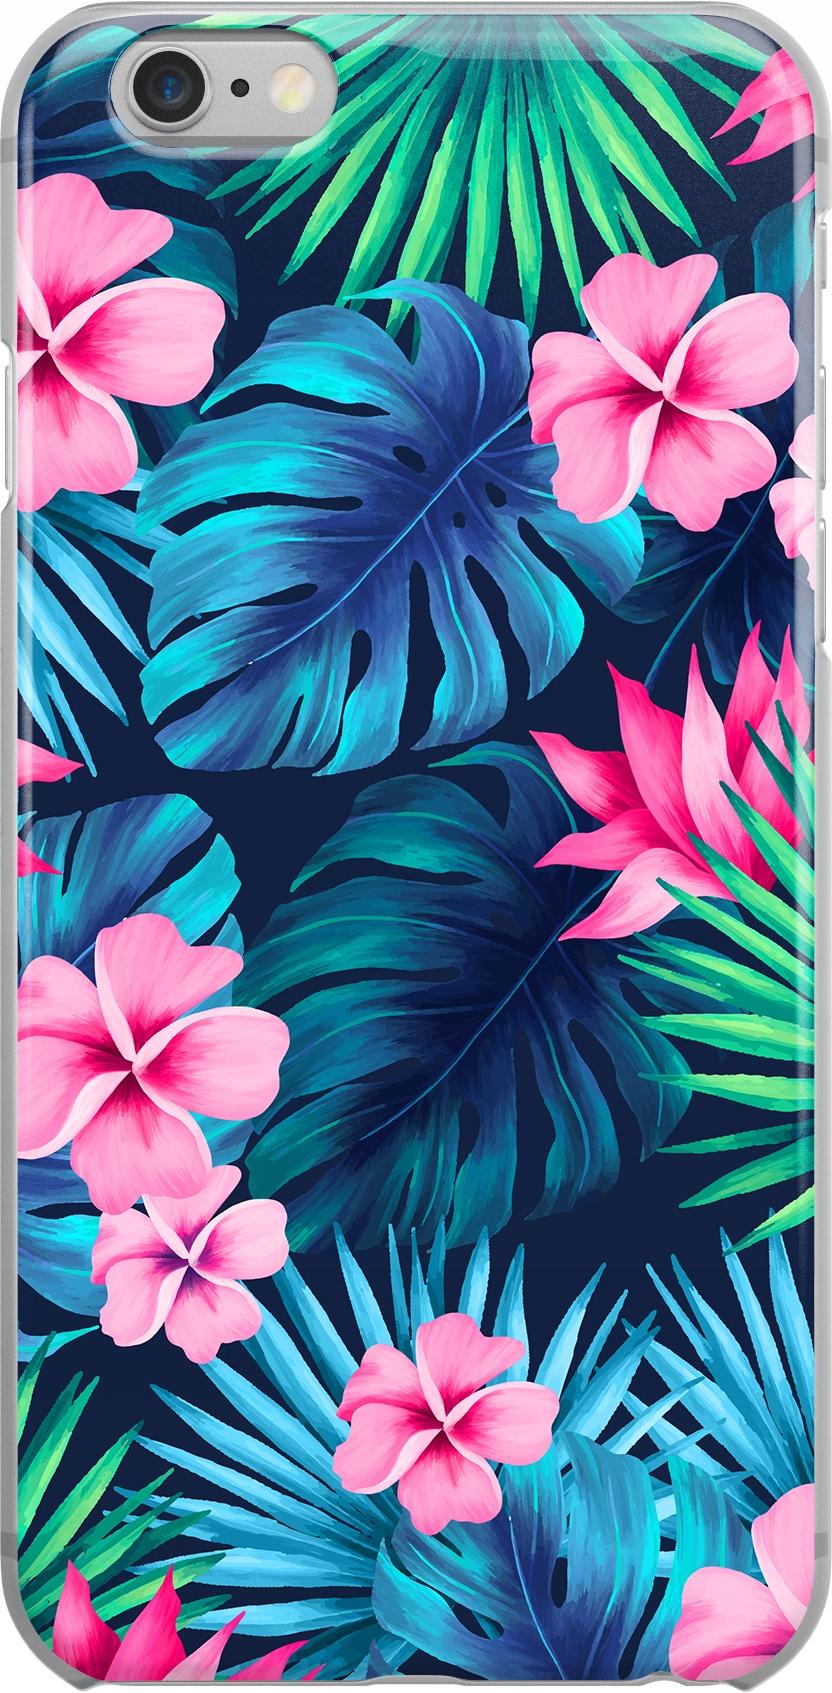 Etui Wzory Kwiaty Samsung M11 9365678684 Sklep Internetowy Agd Rtv Telefony Laptopy Allegro Pl